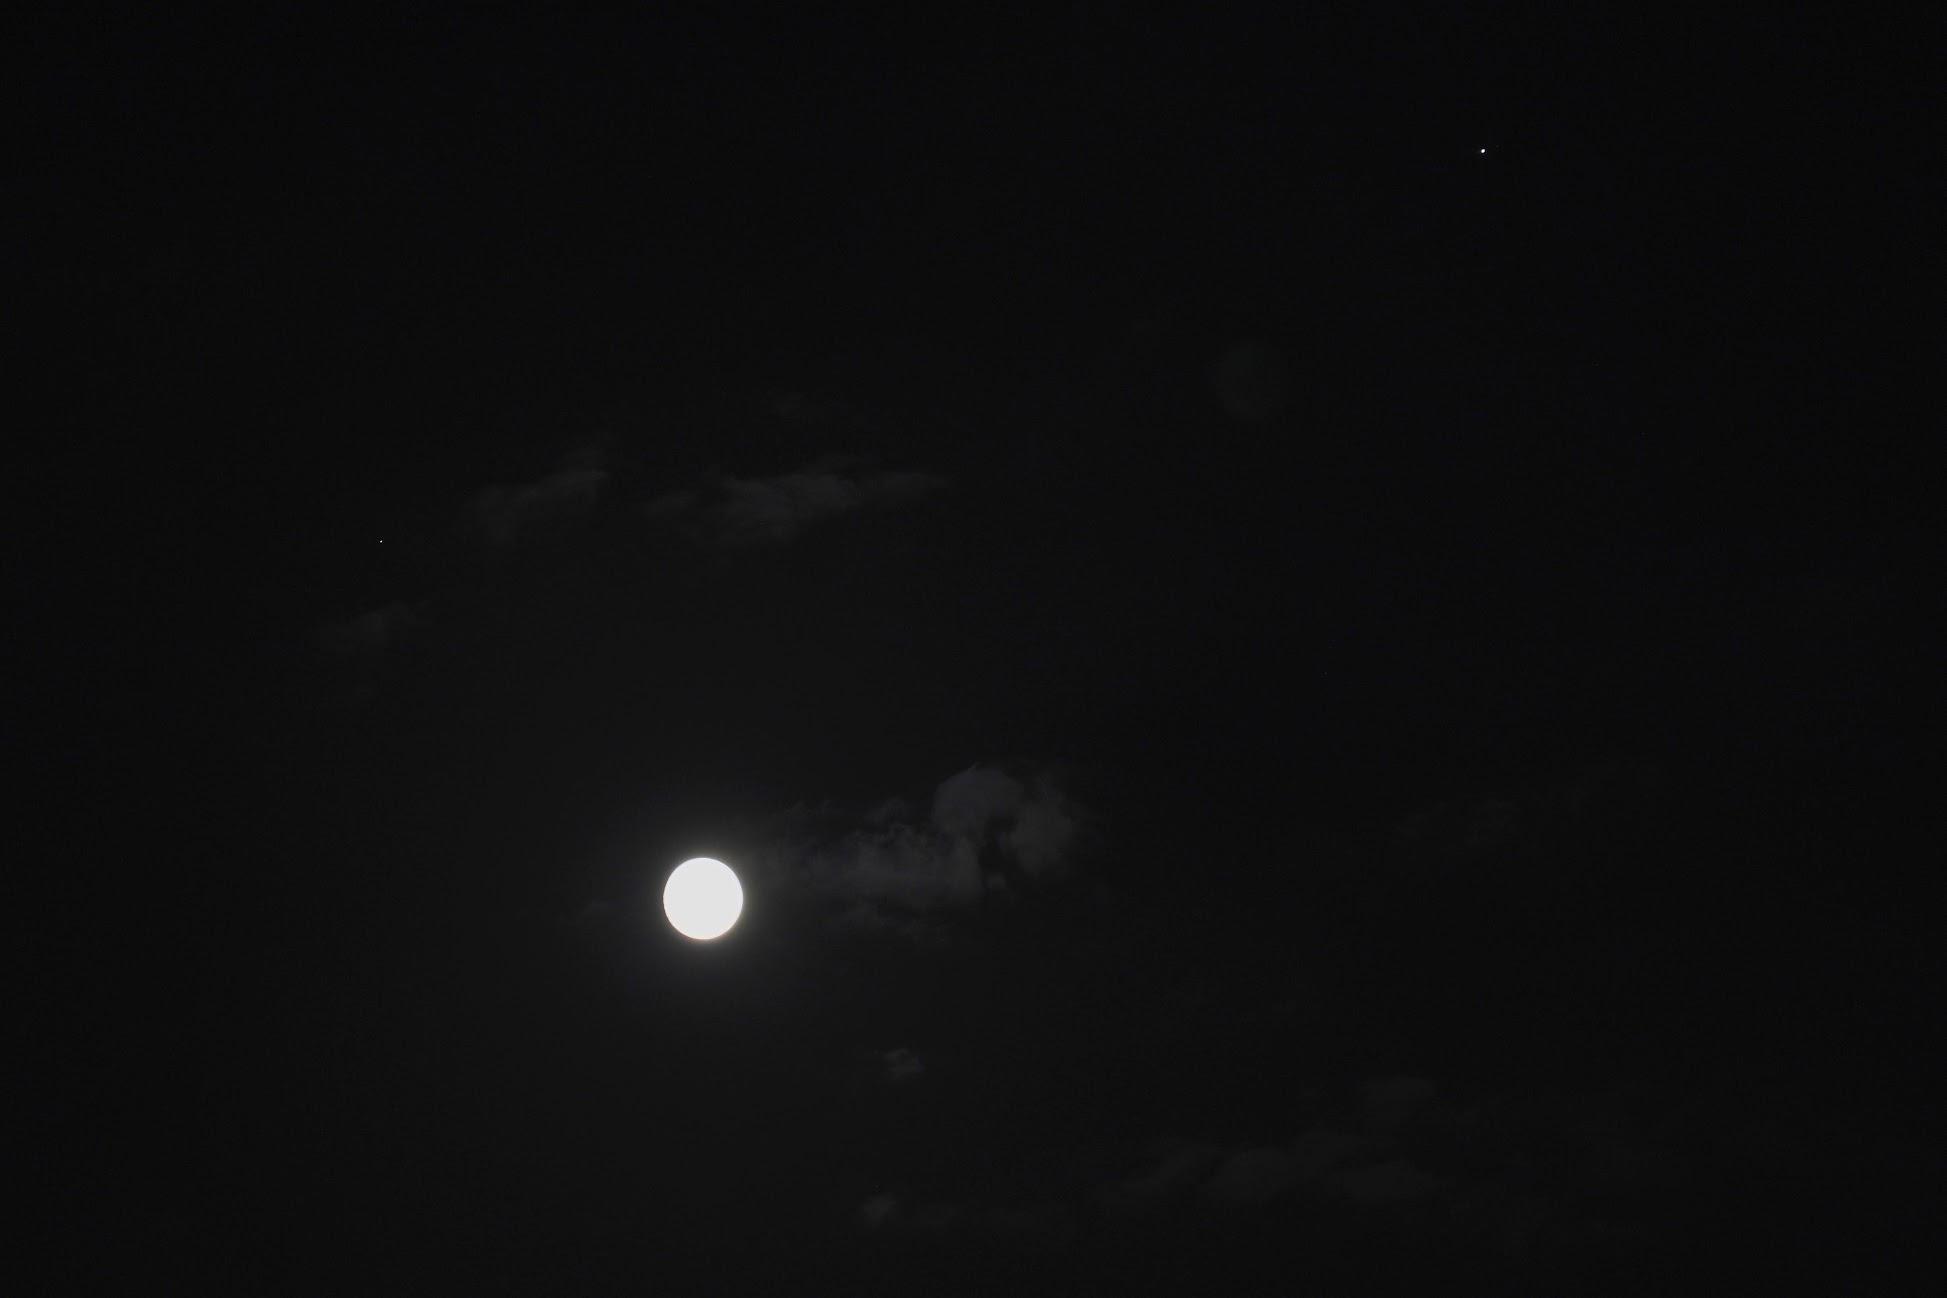 月と土星と木星【2020/08/02】